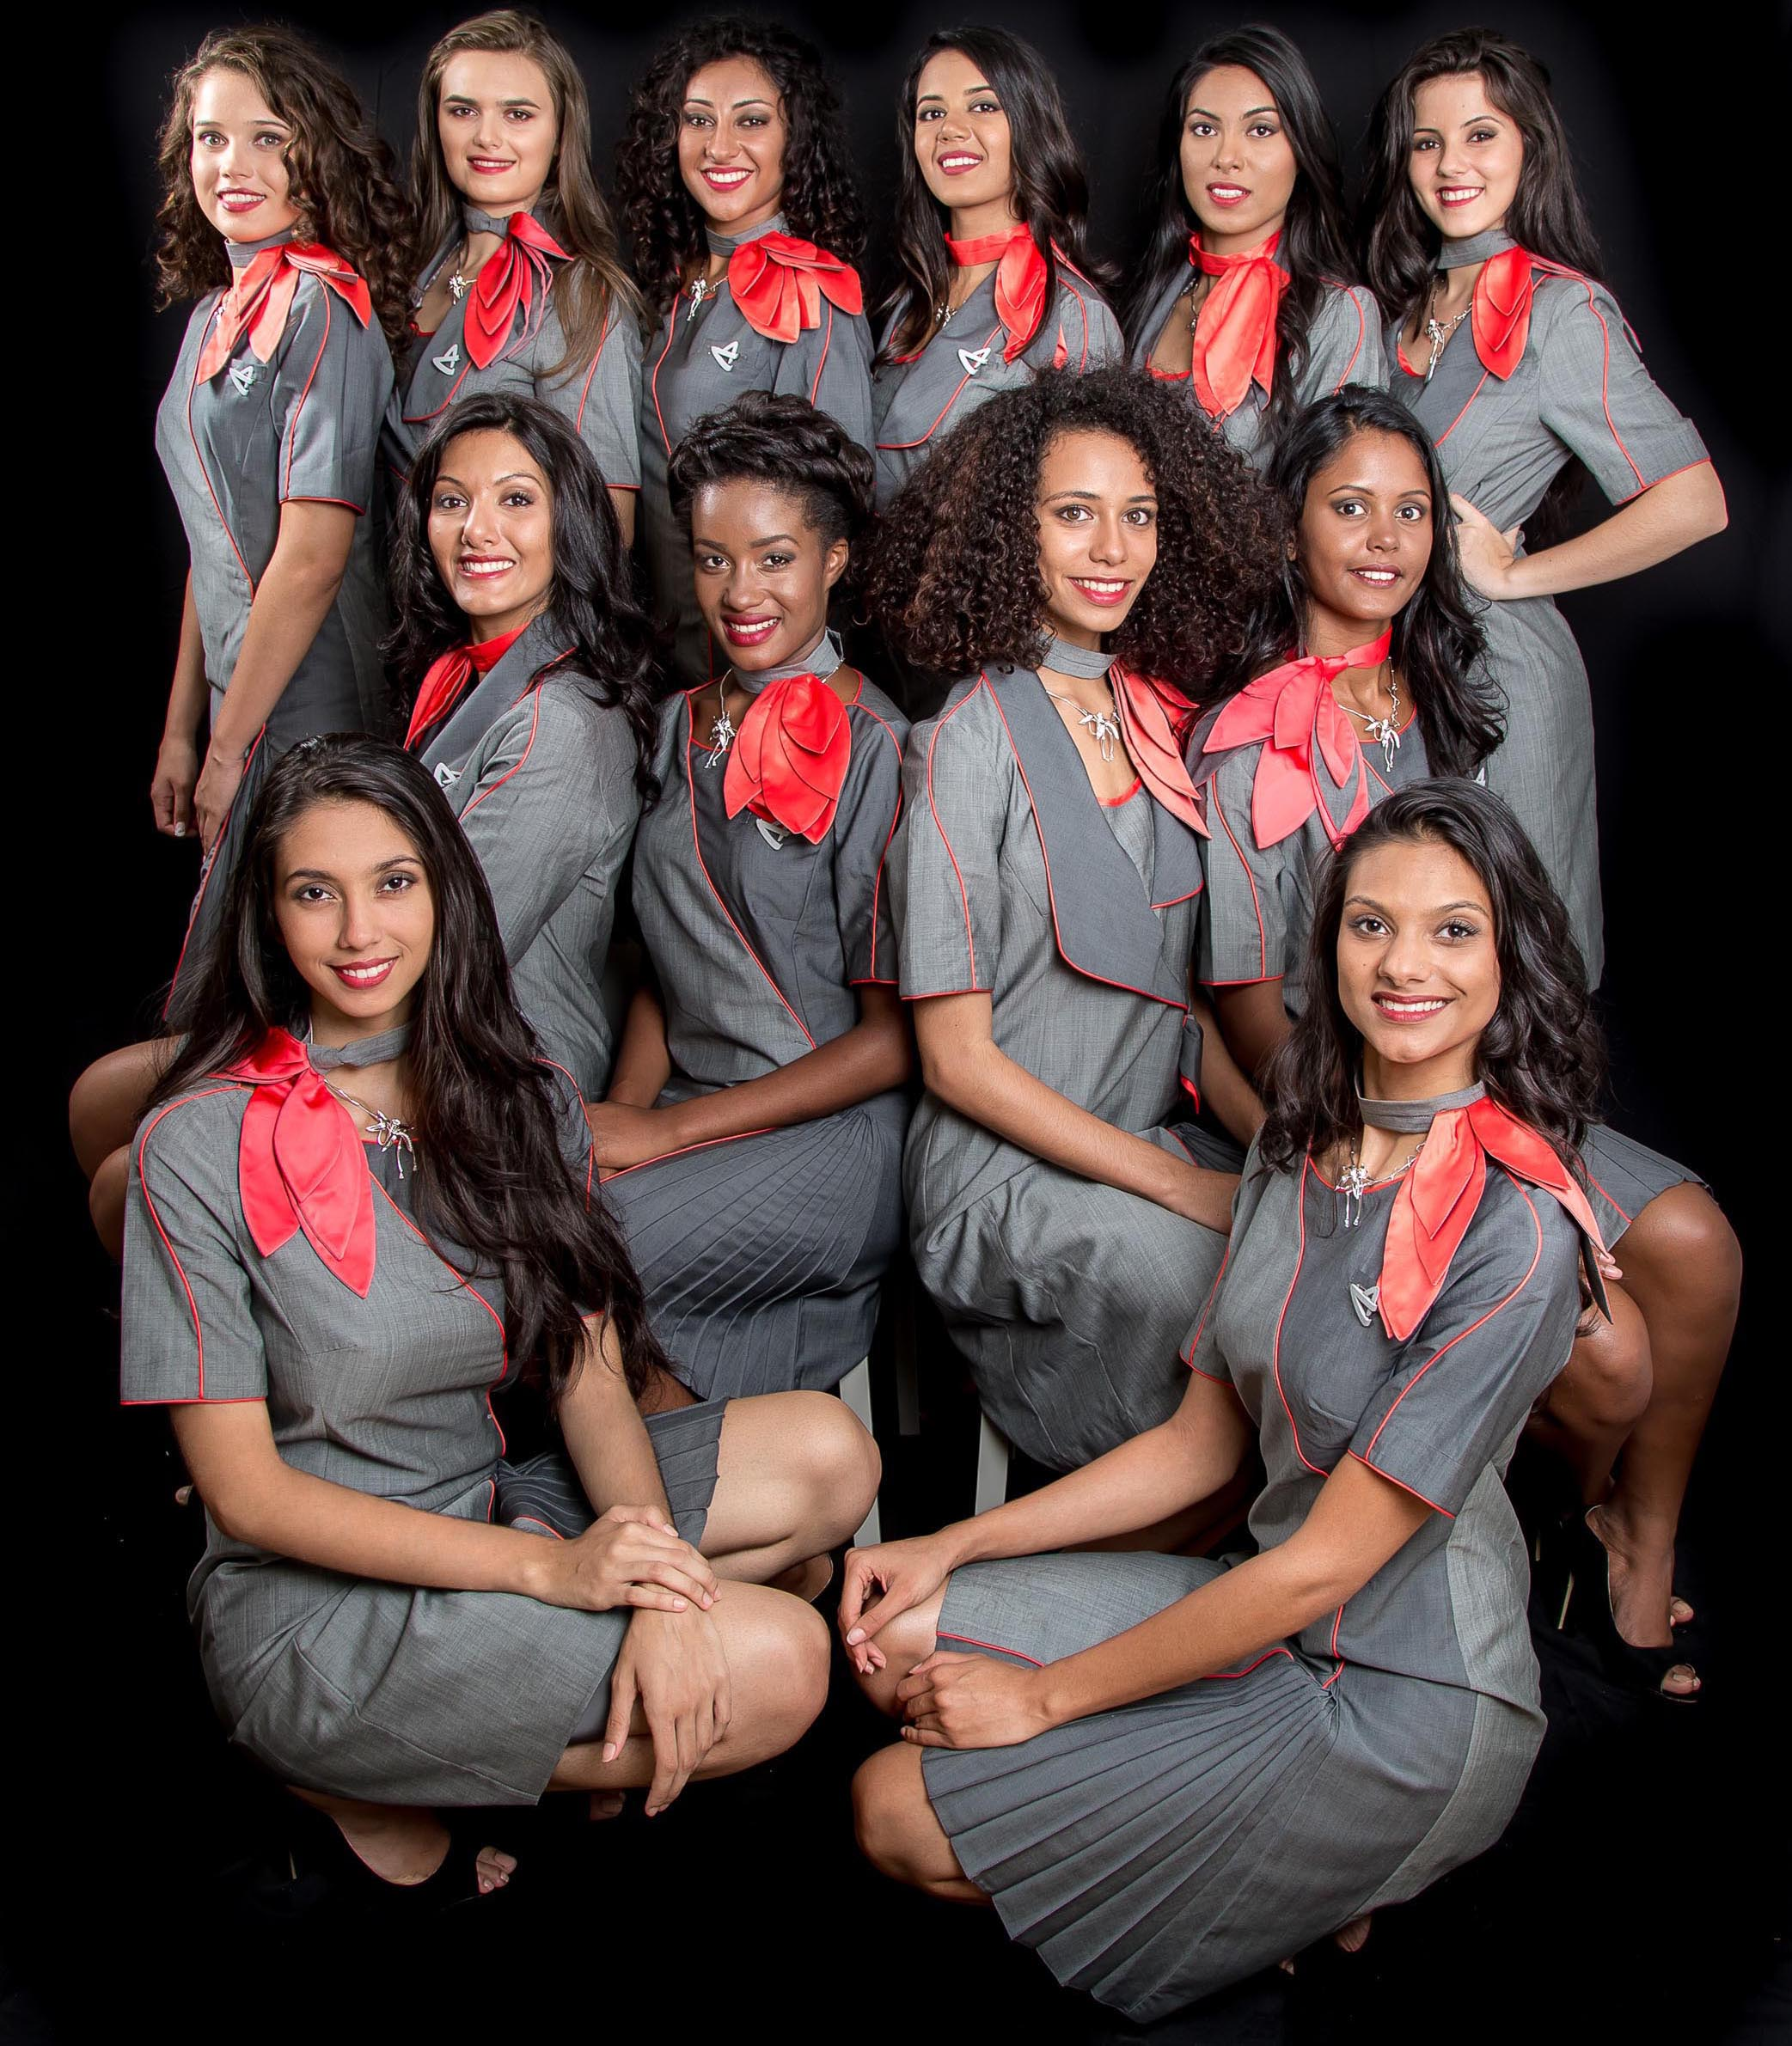 Pour suivre les Miss, téléchargez les applications sur votre mobile!